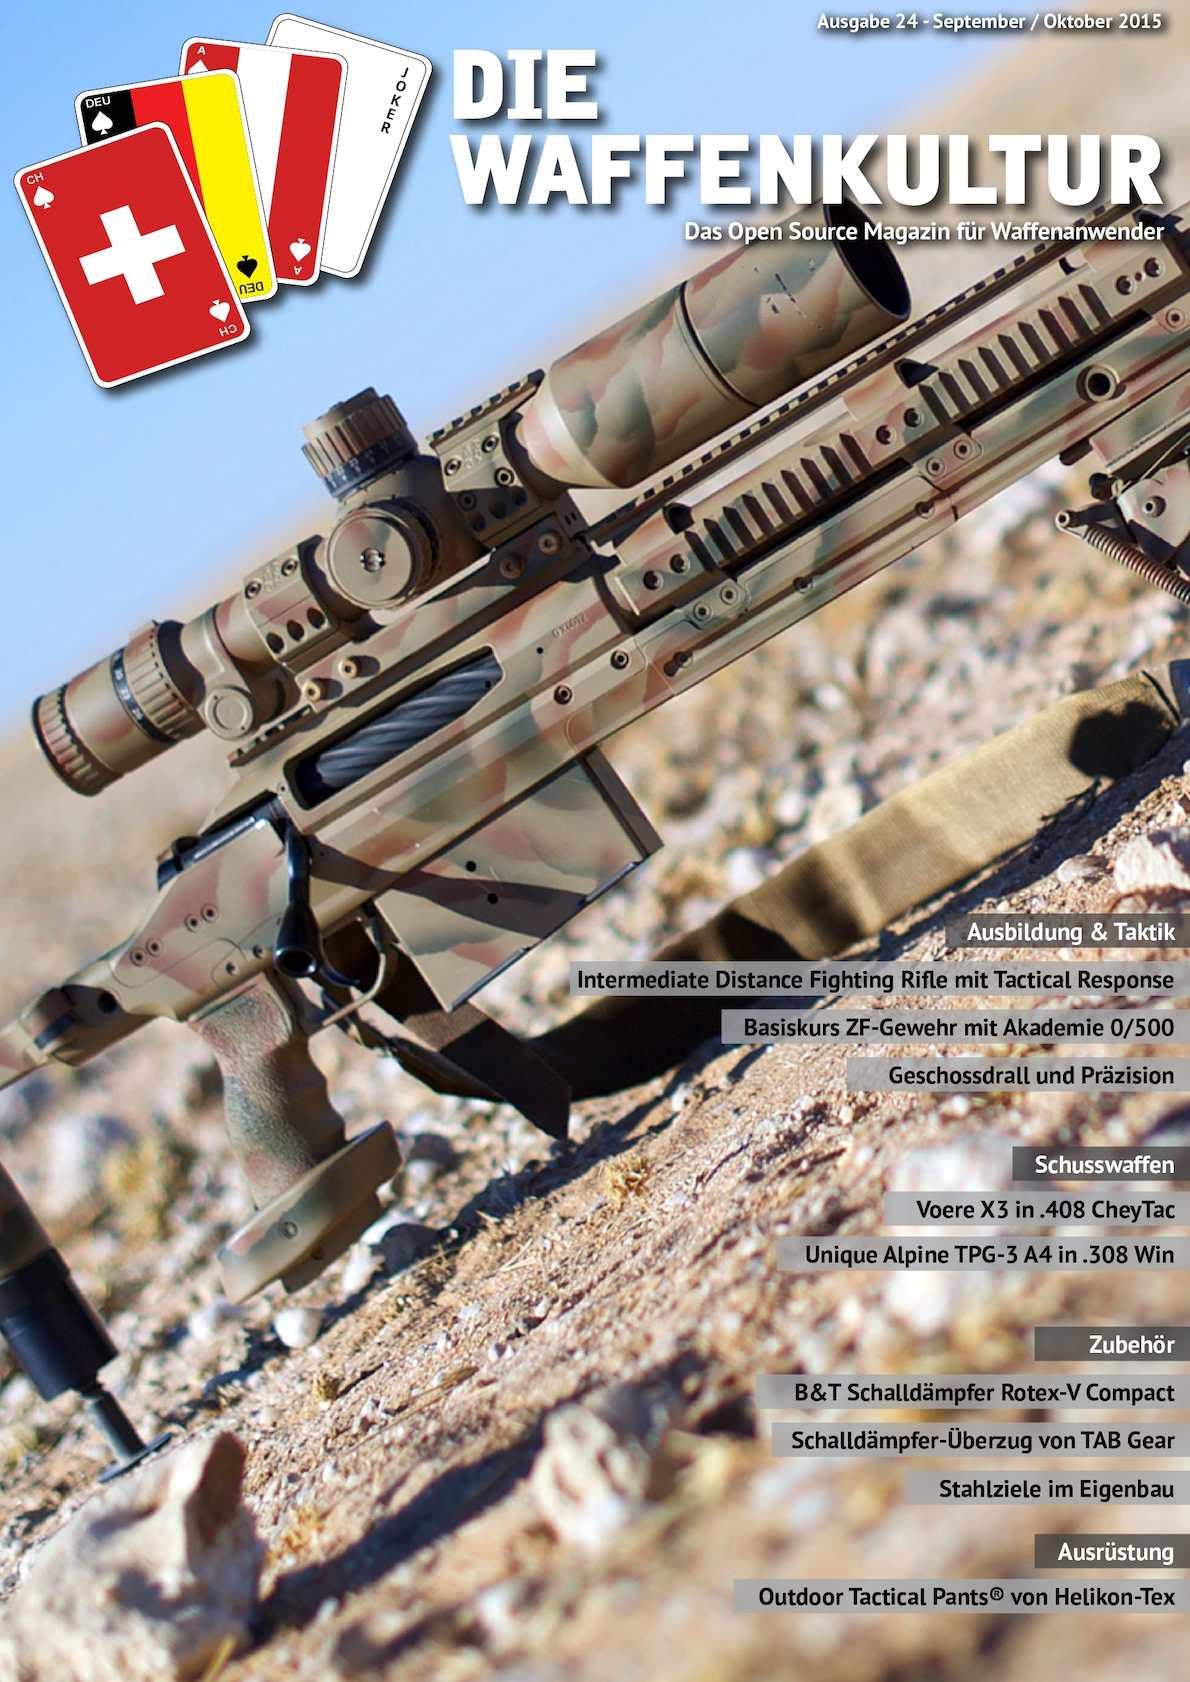 Calaméo - Die Waffenkultur - Ausgabe 24- September / Oktober 2015